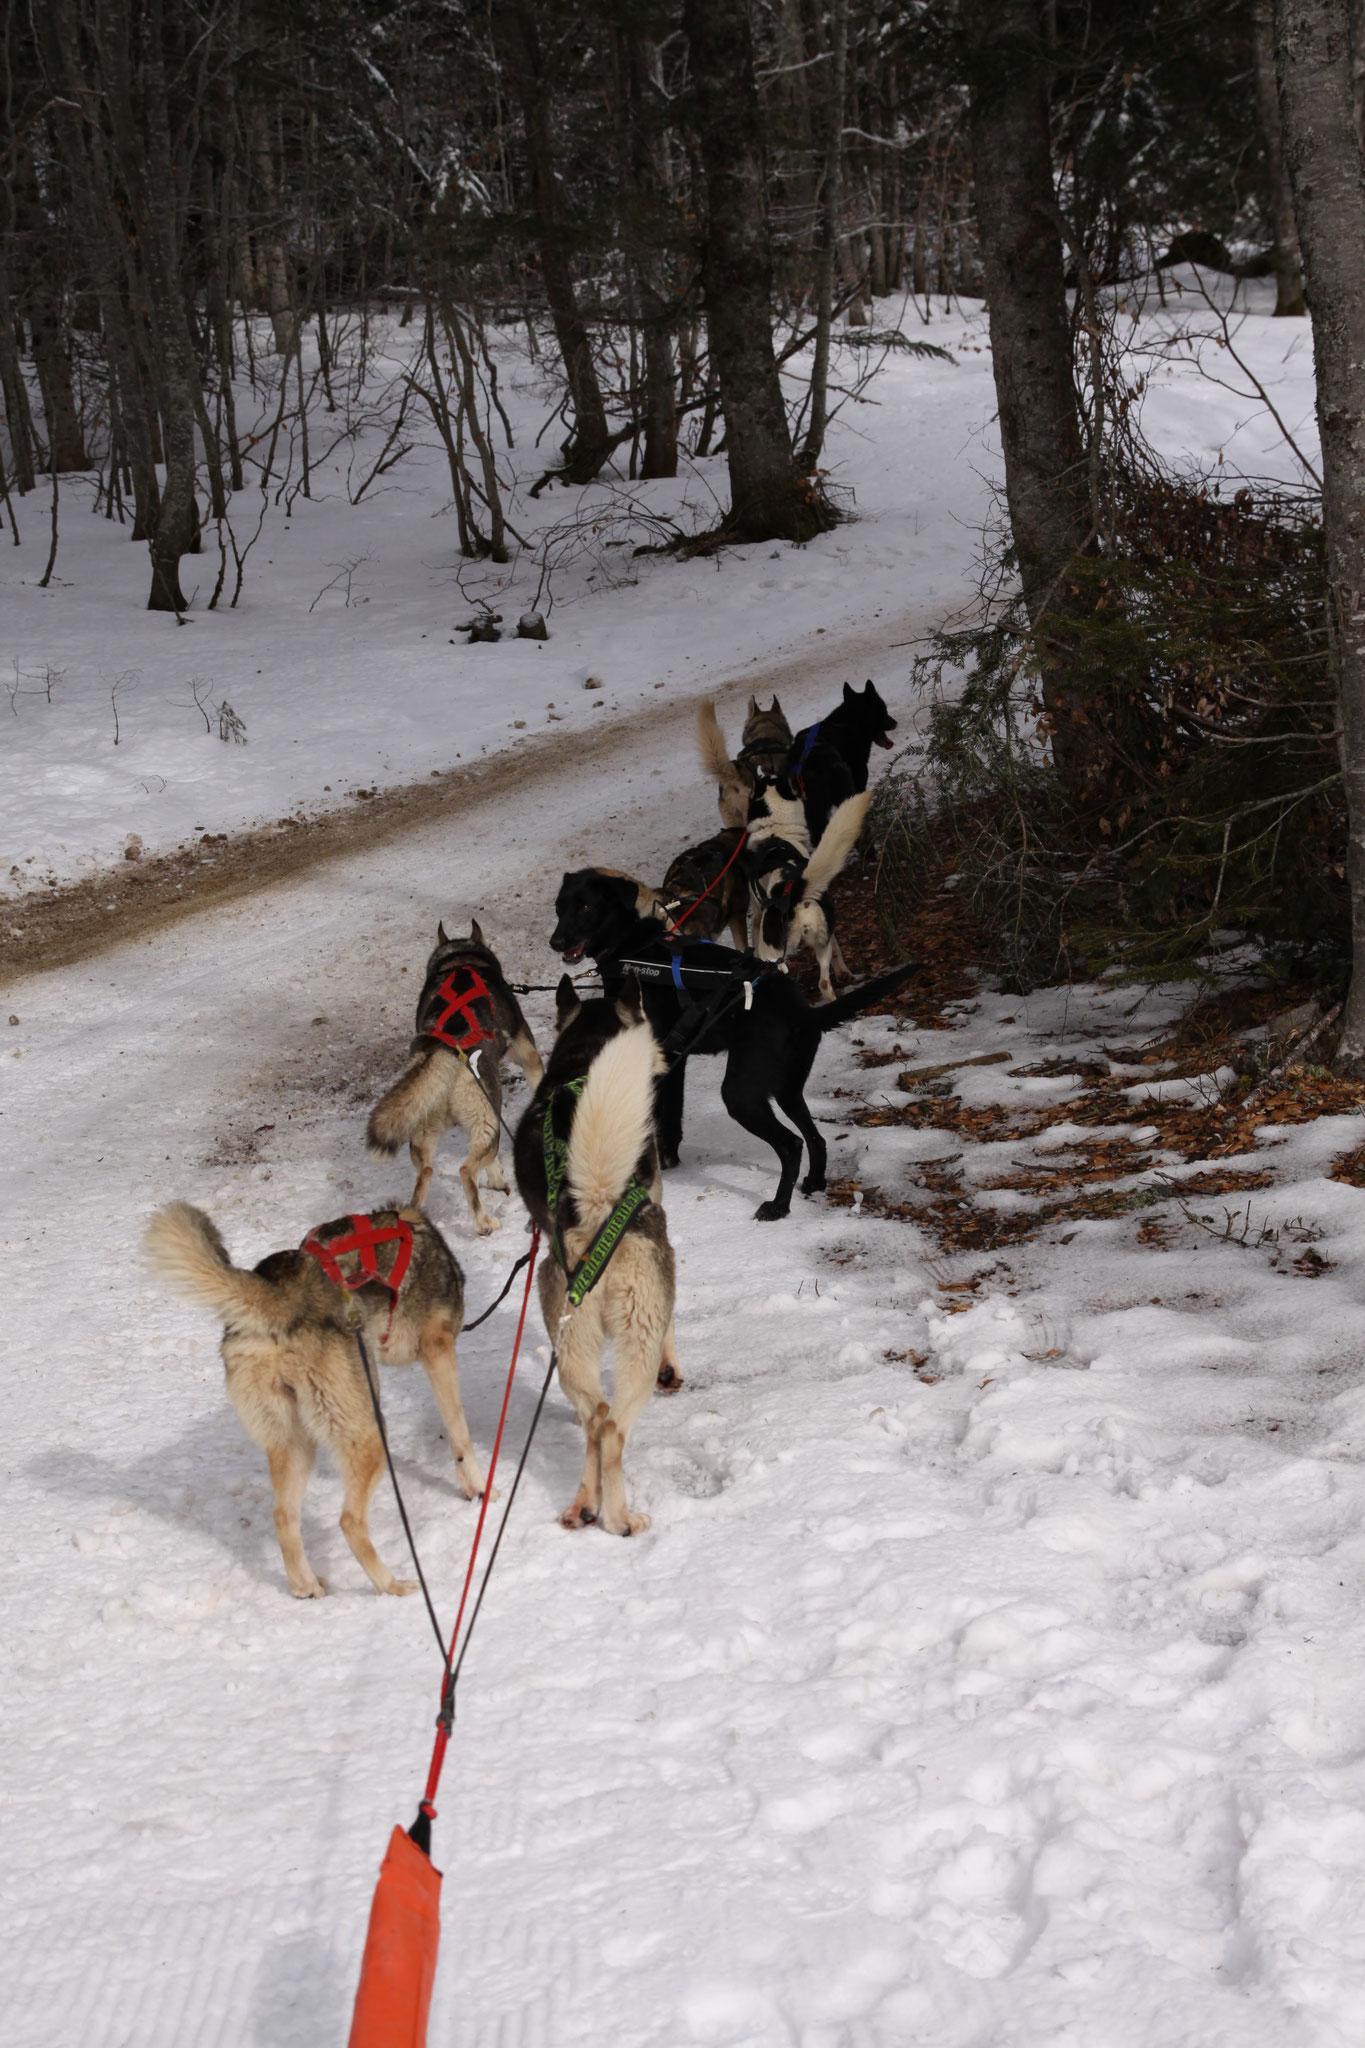 Des gentils chiens qui attendent sagement que je reprenne place sur le traineau